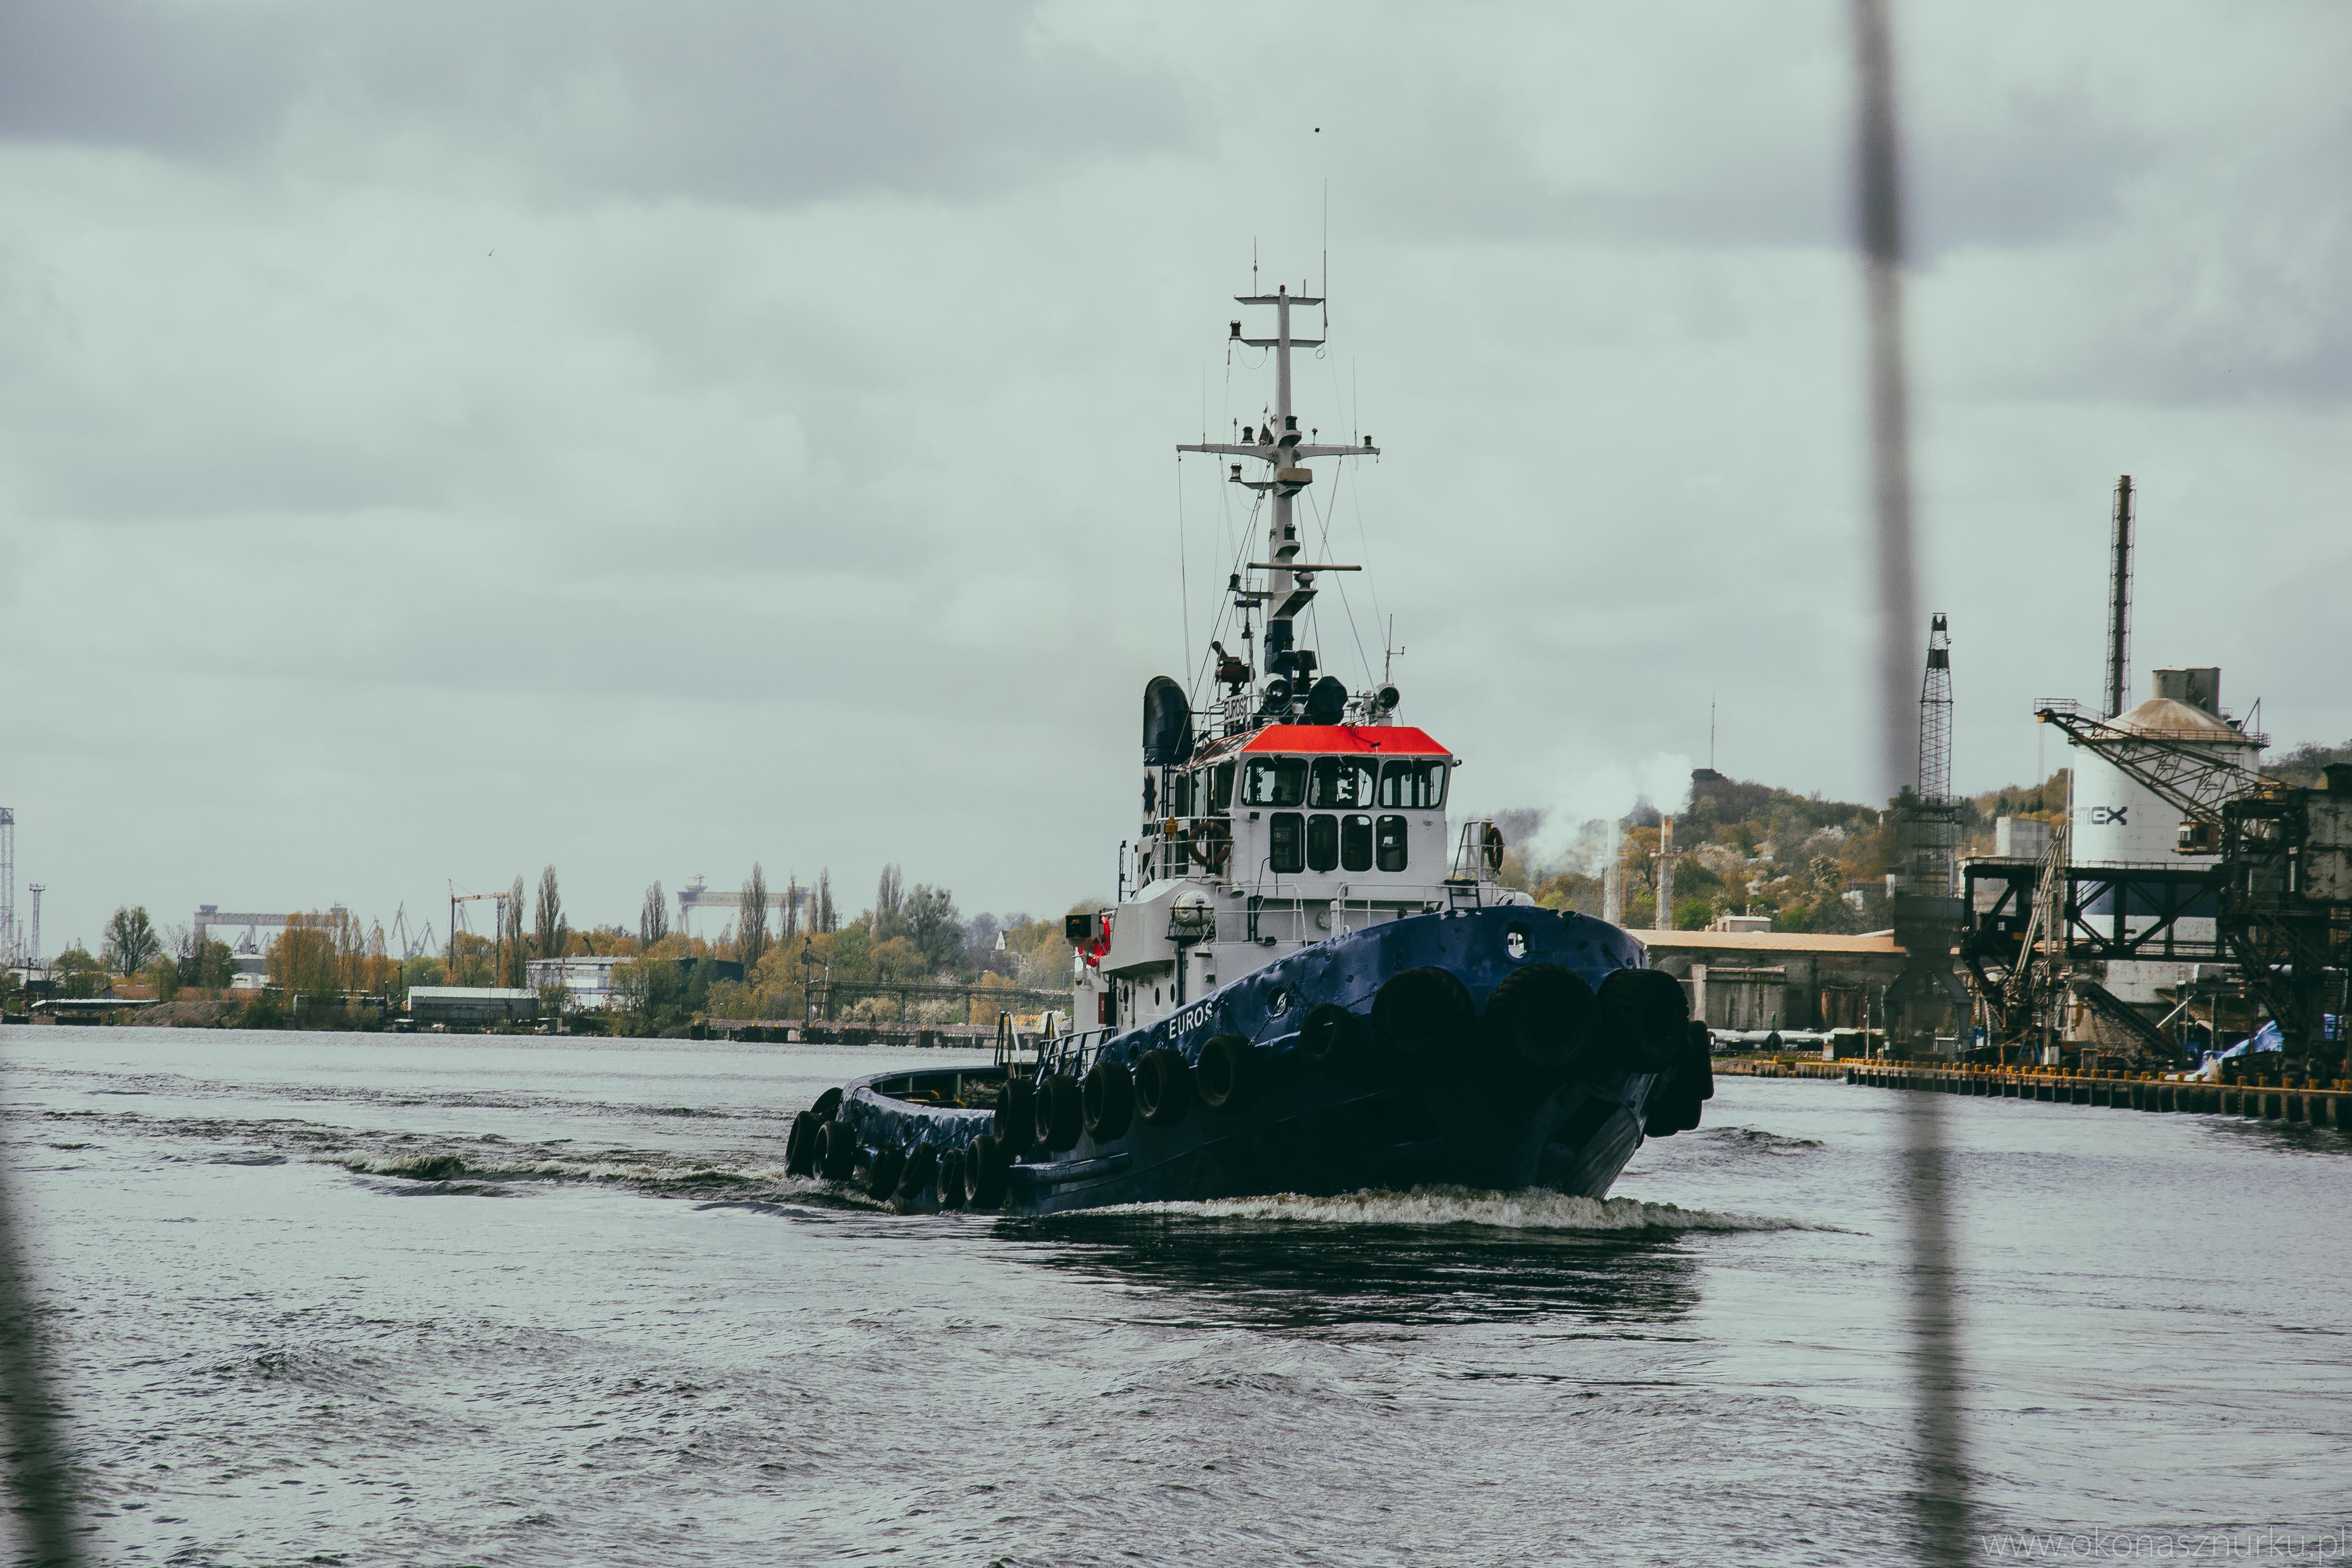 marina-jacht-wyprawy-morskie-silesia-szczecin-goclaw-lubczyna (38)